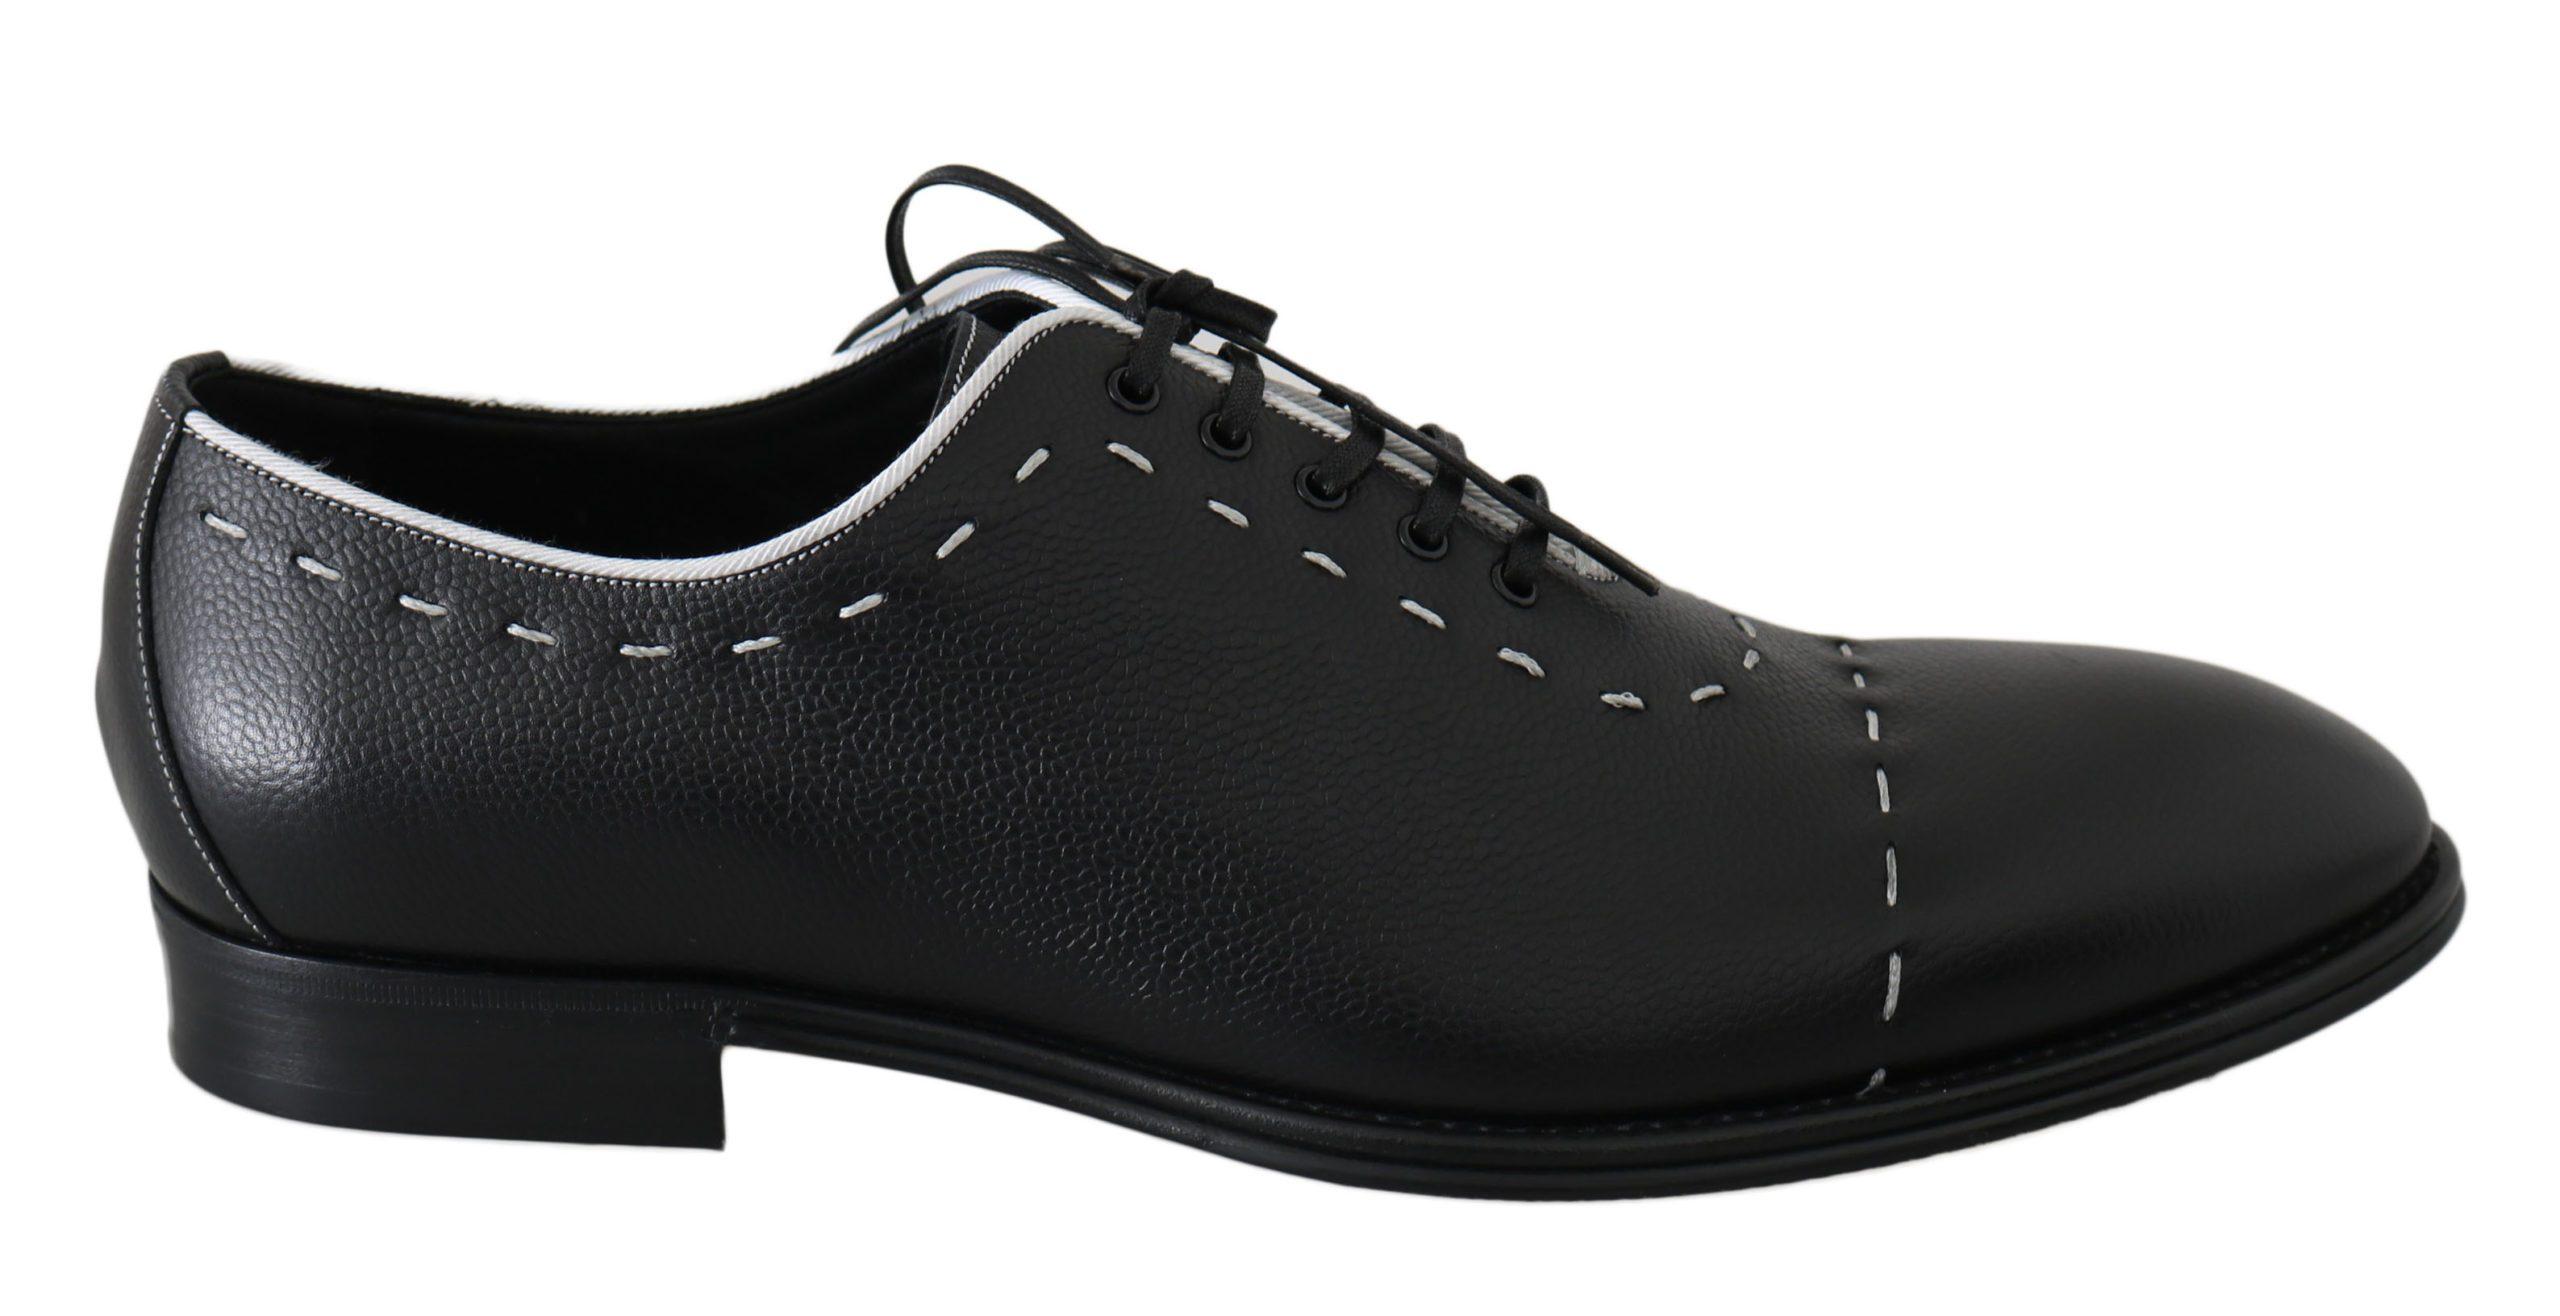 Dolce & Gabbana Men's Shoes Black MV2492 - EU40/US7